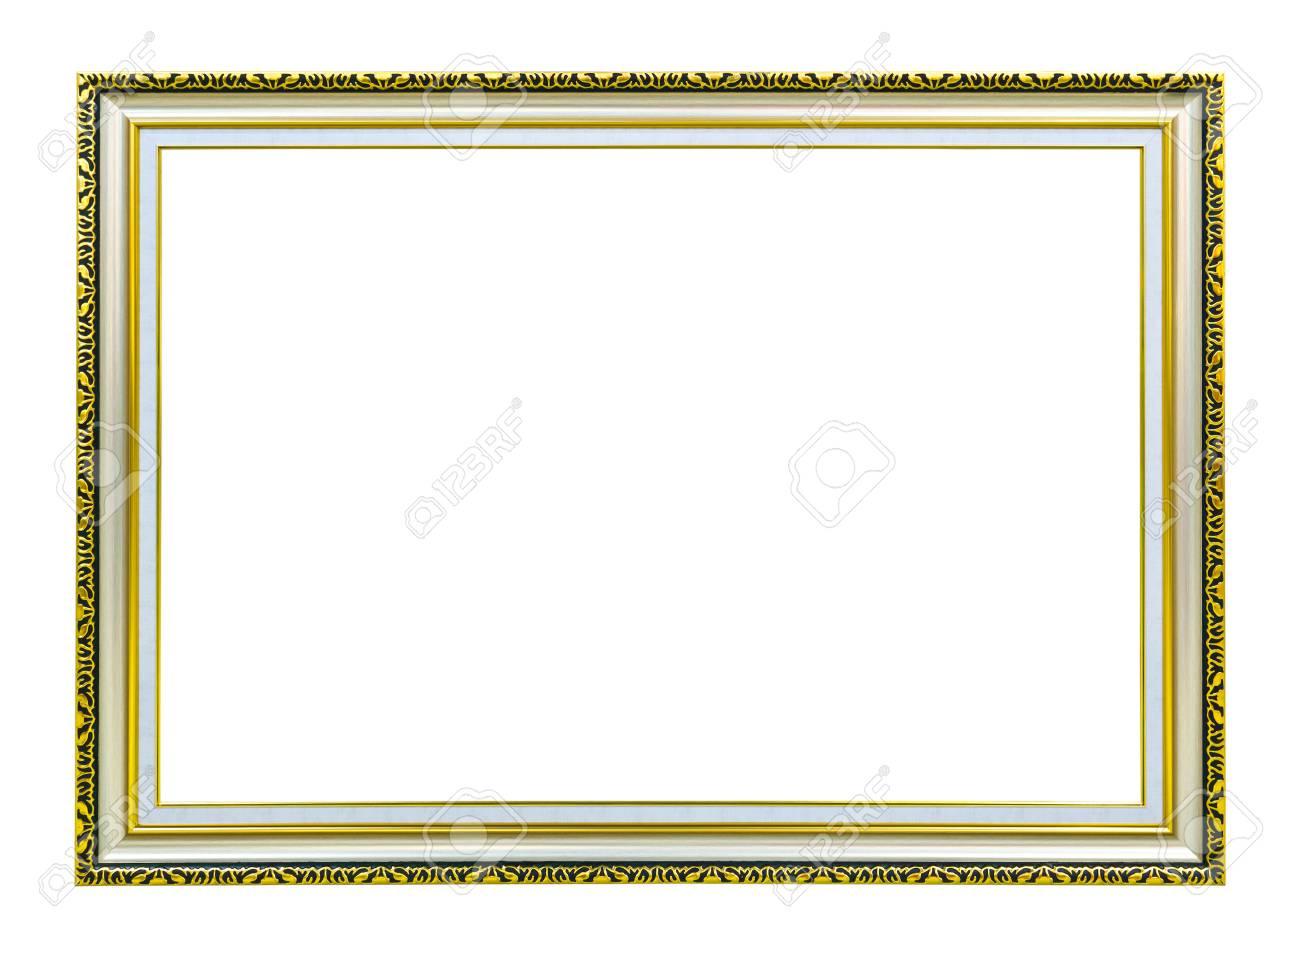 golden wood photo image frame isolated on white background Stock Photo - 8390222